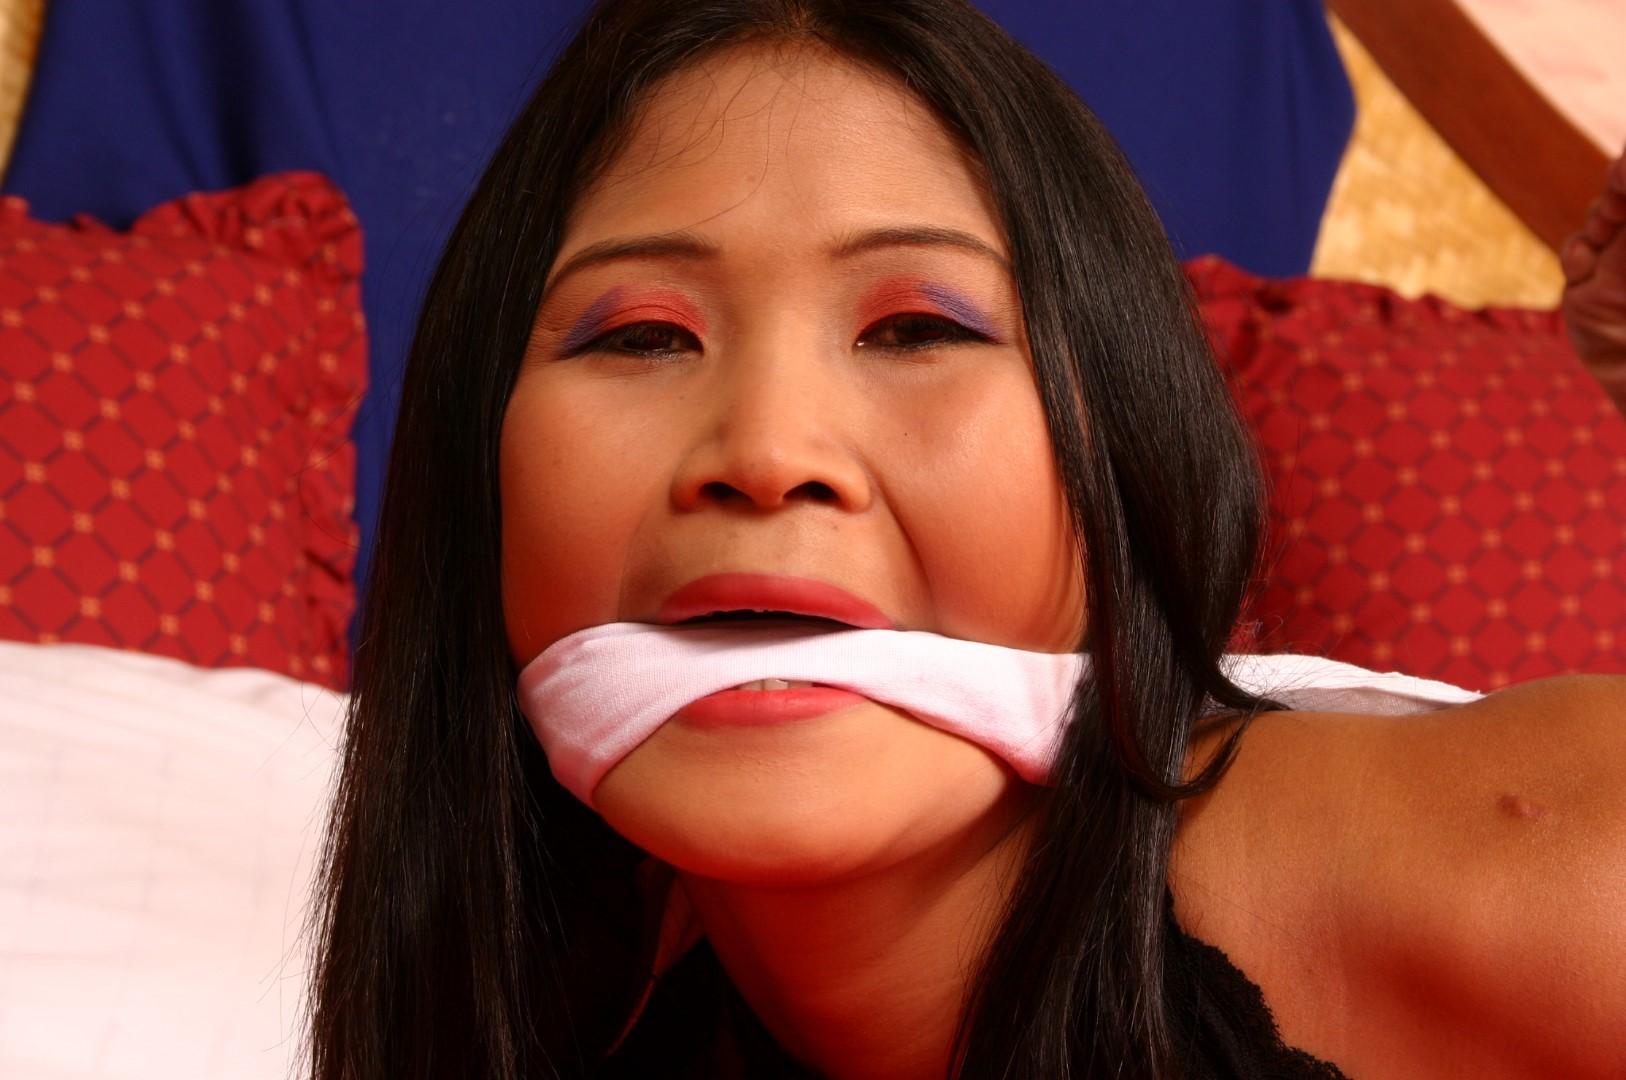 Мичико - азиатская красотка, которая показывает себя в связанном виде, она ничего не может сделать